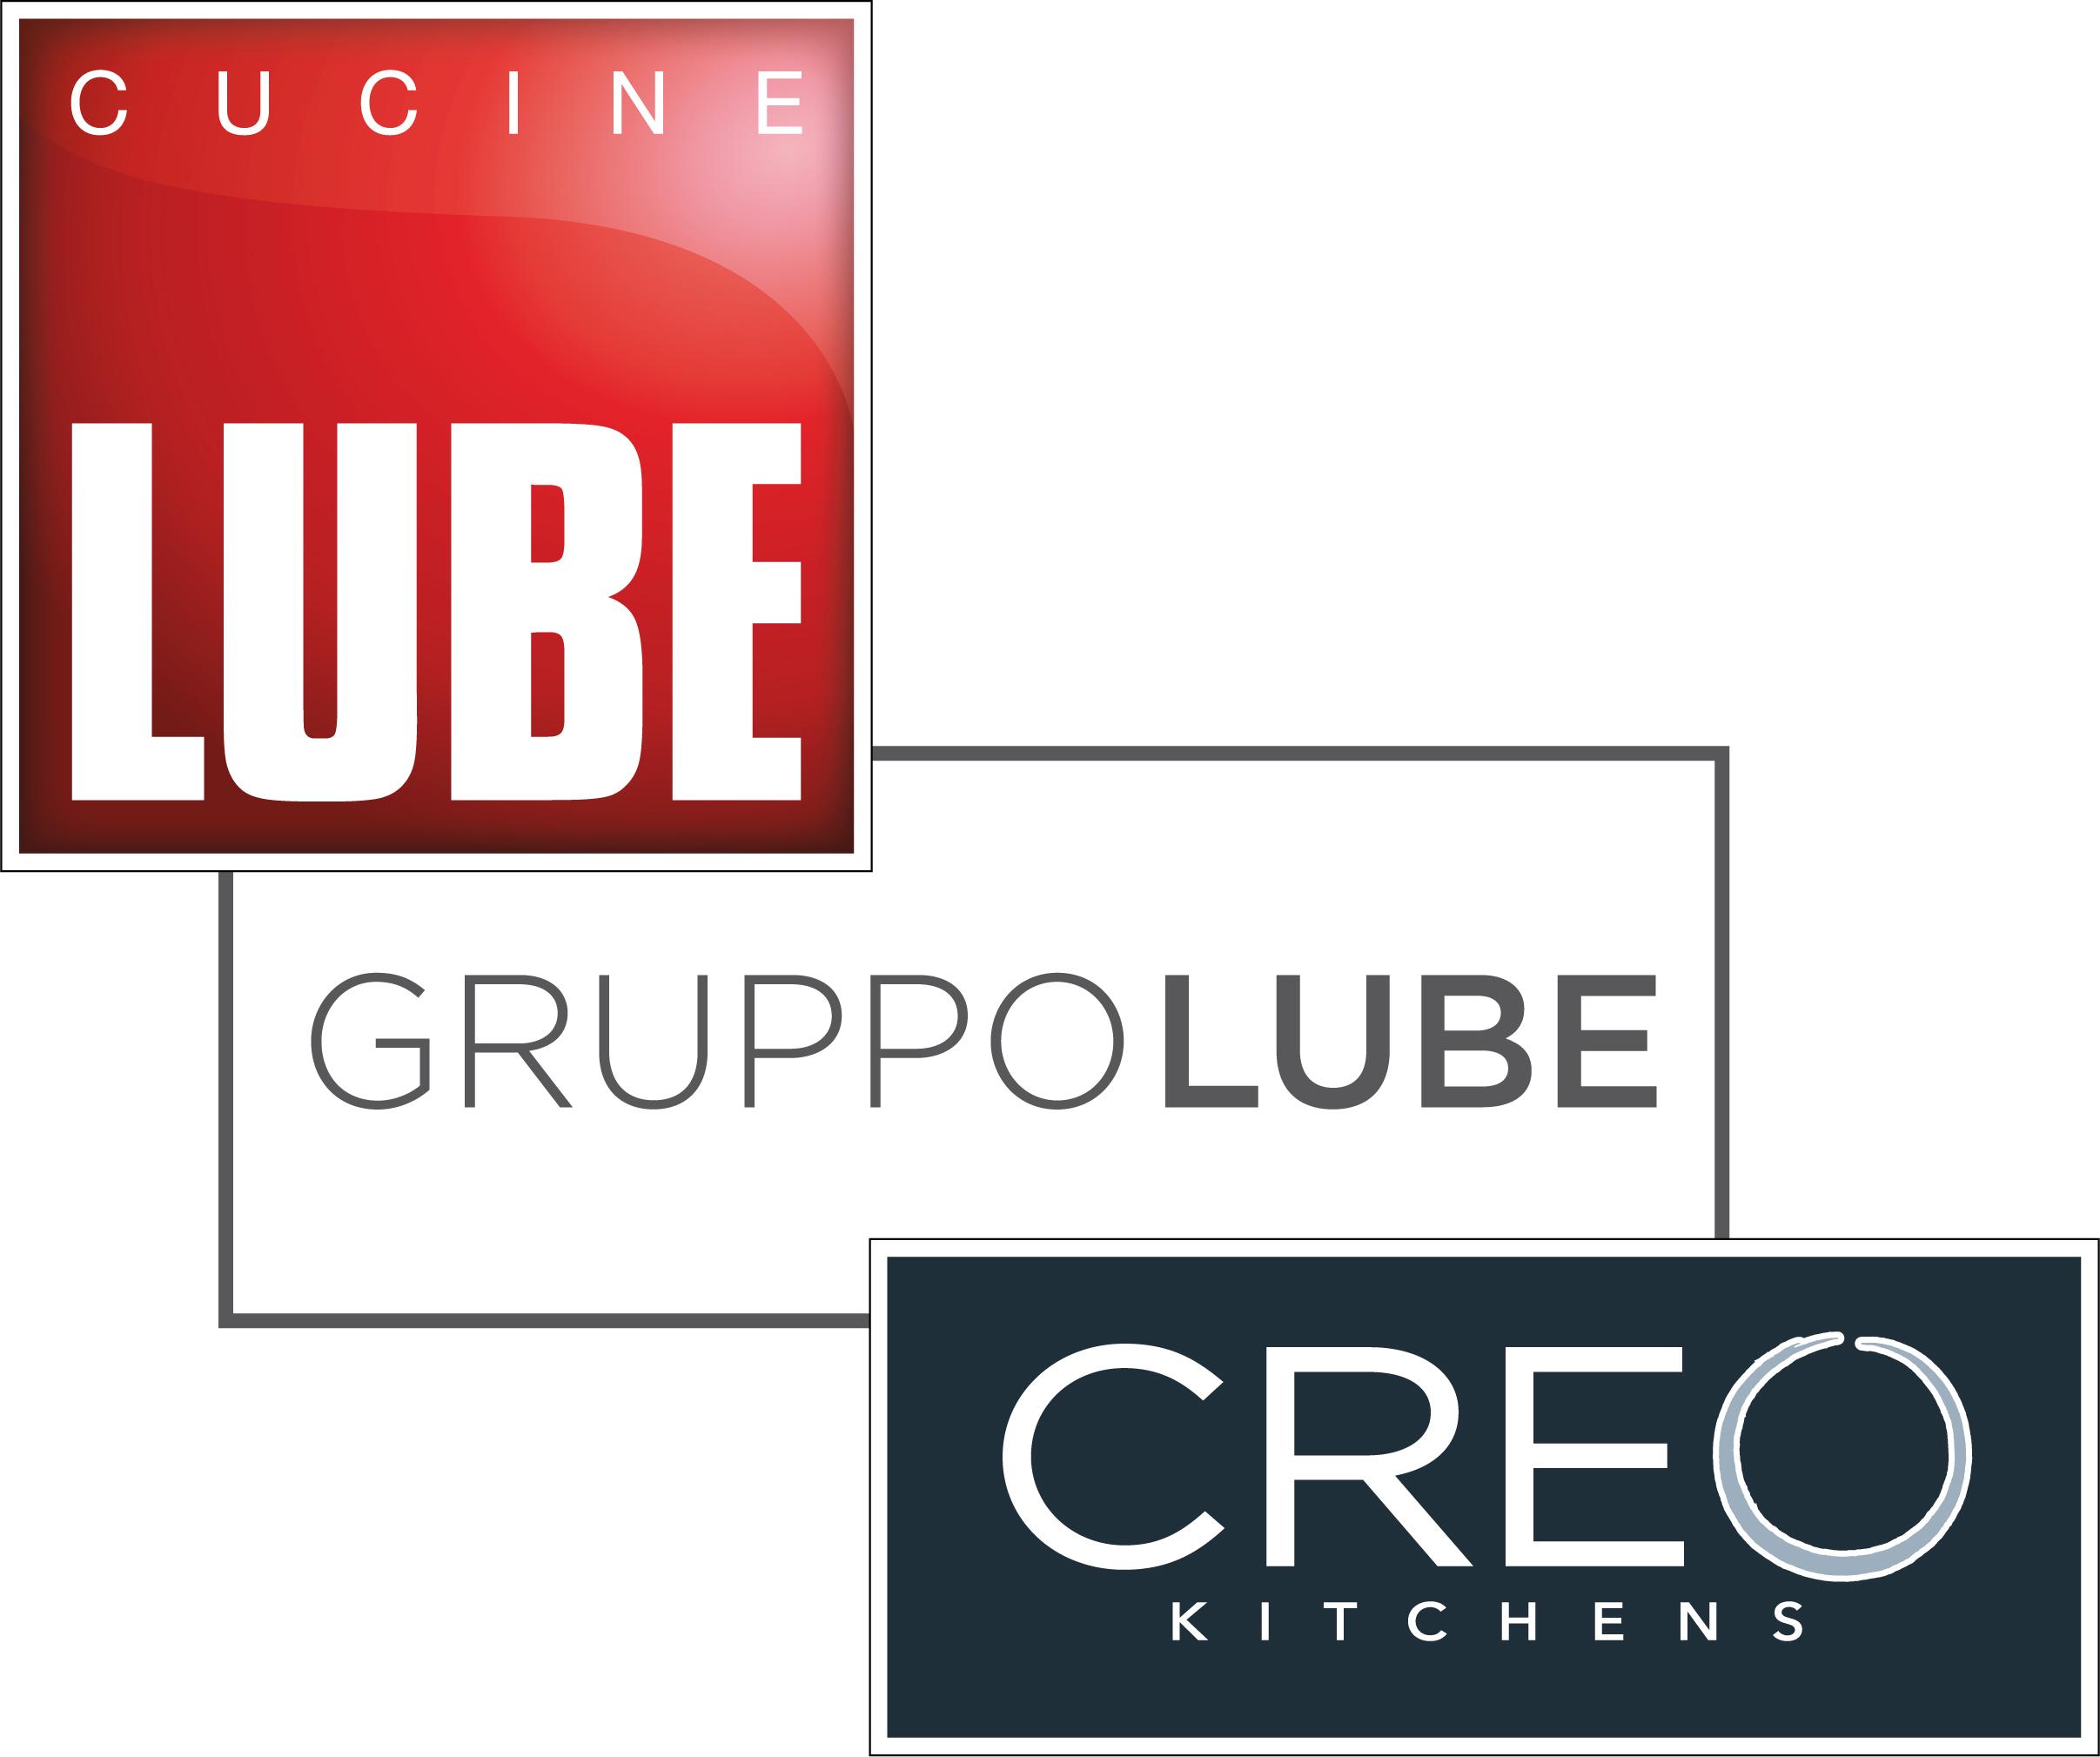 Legavolley squadra cucine lube civitanova stagione 2018 2019 - Cucine lube civitanova ...